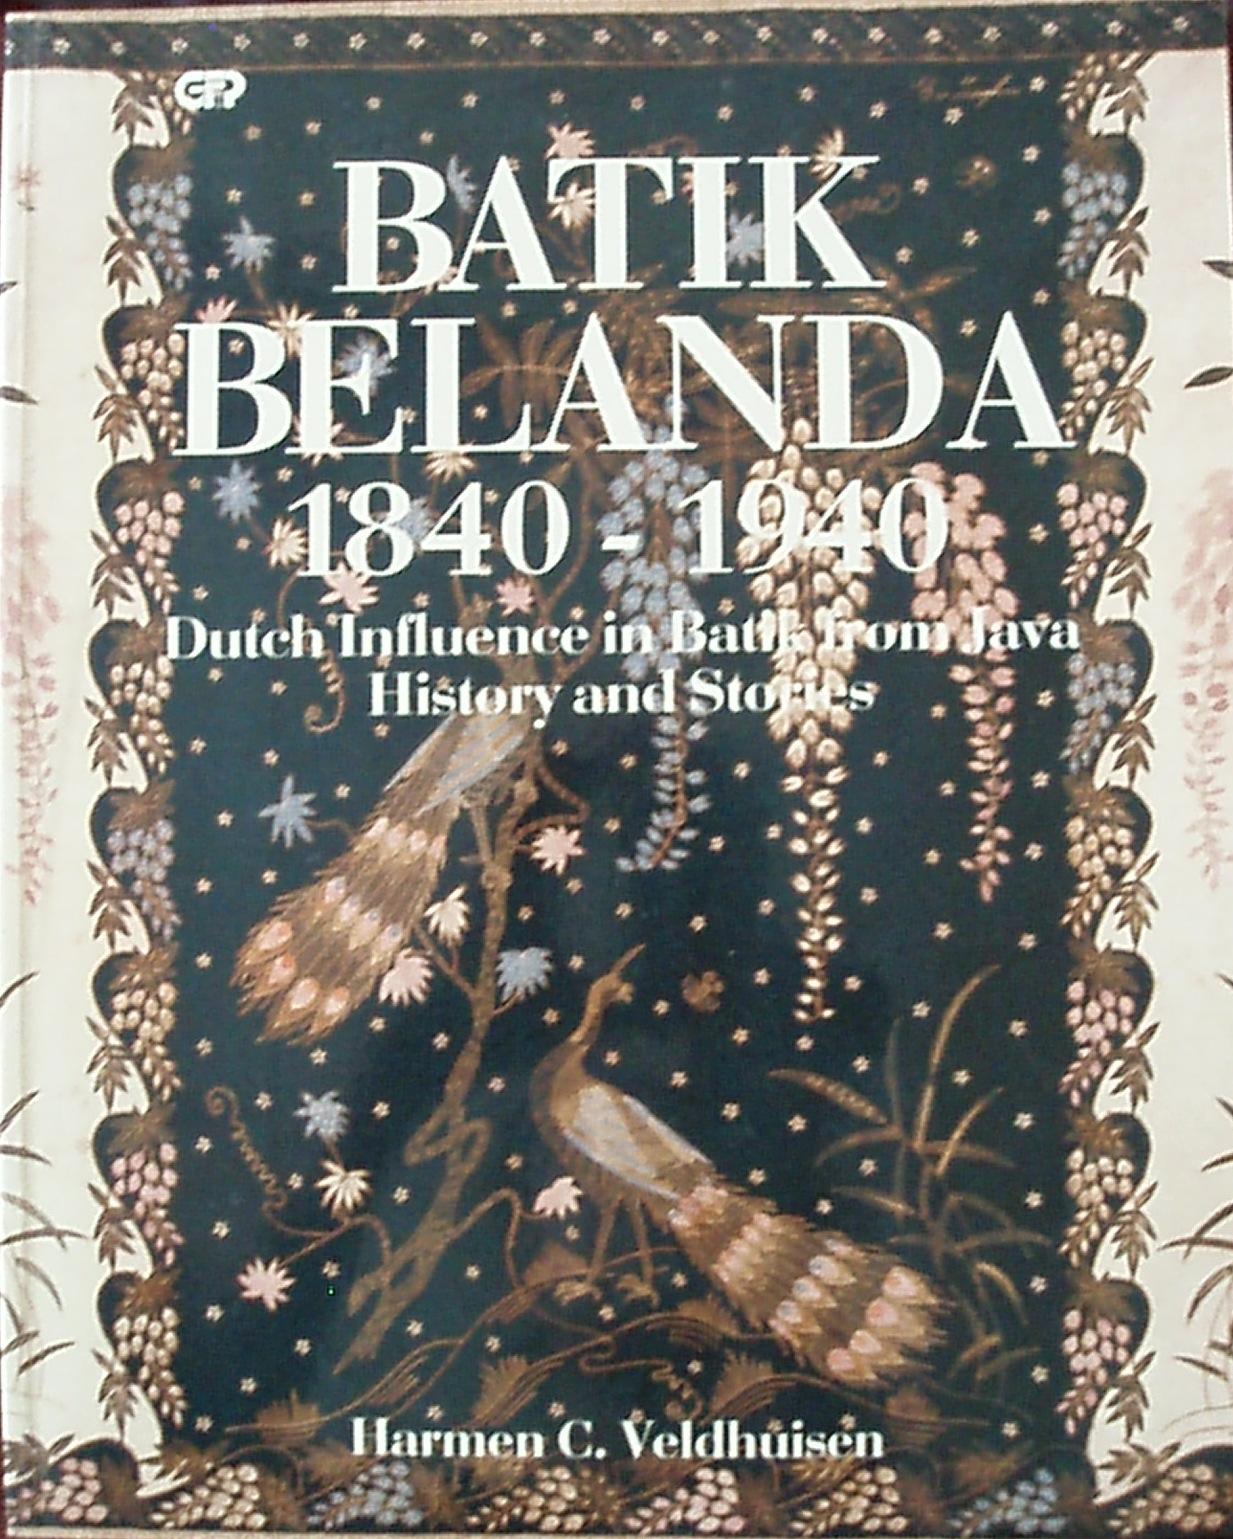 Batik belanda, 1840-1940